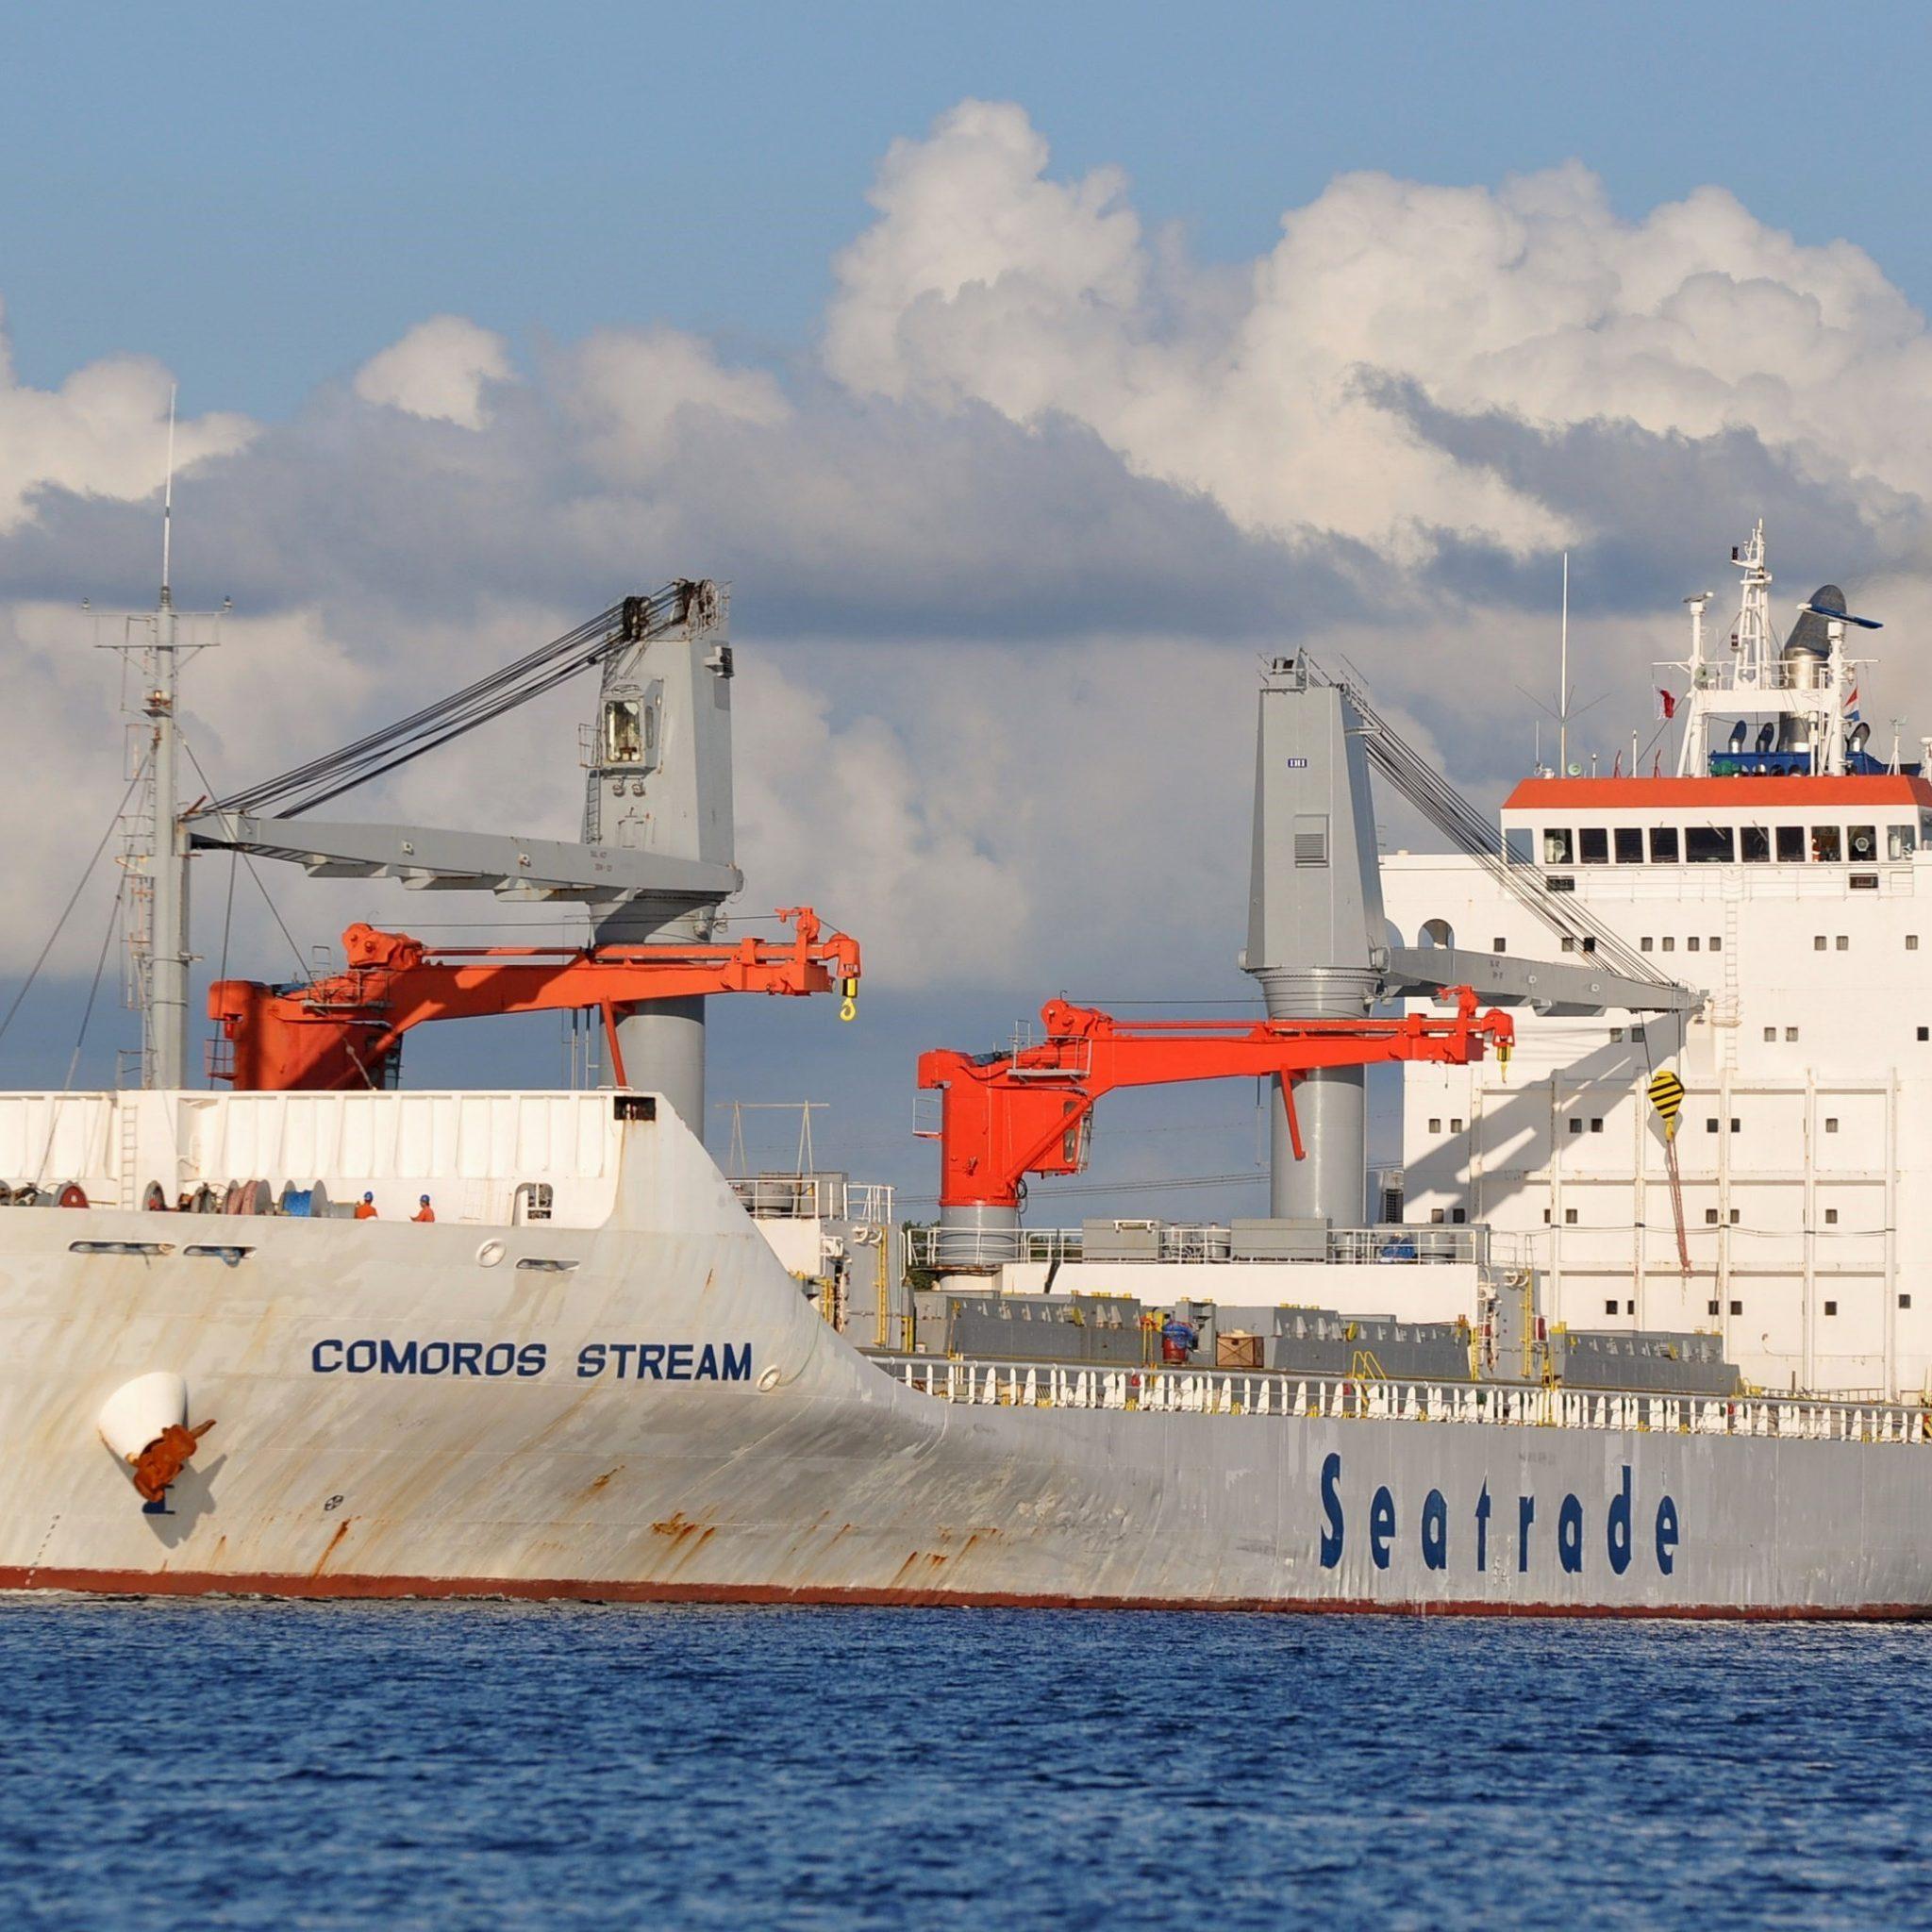 De Comoros Stream is verkocht en heeft nu Ceres Two op de boeg staan. (Foto Marcel Koster)